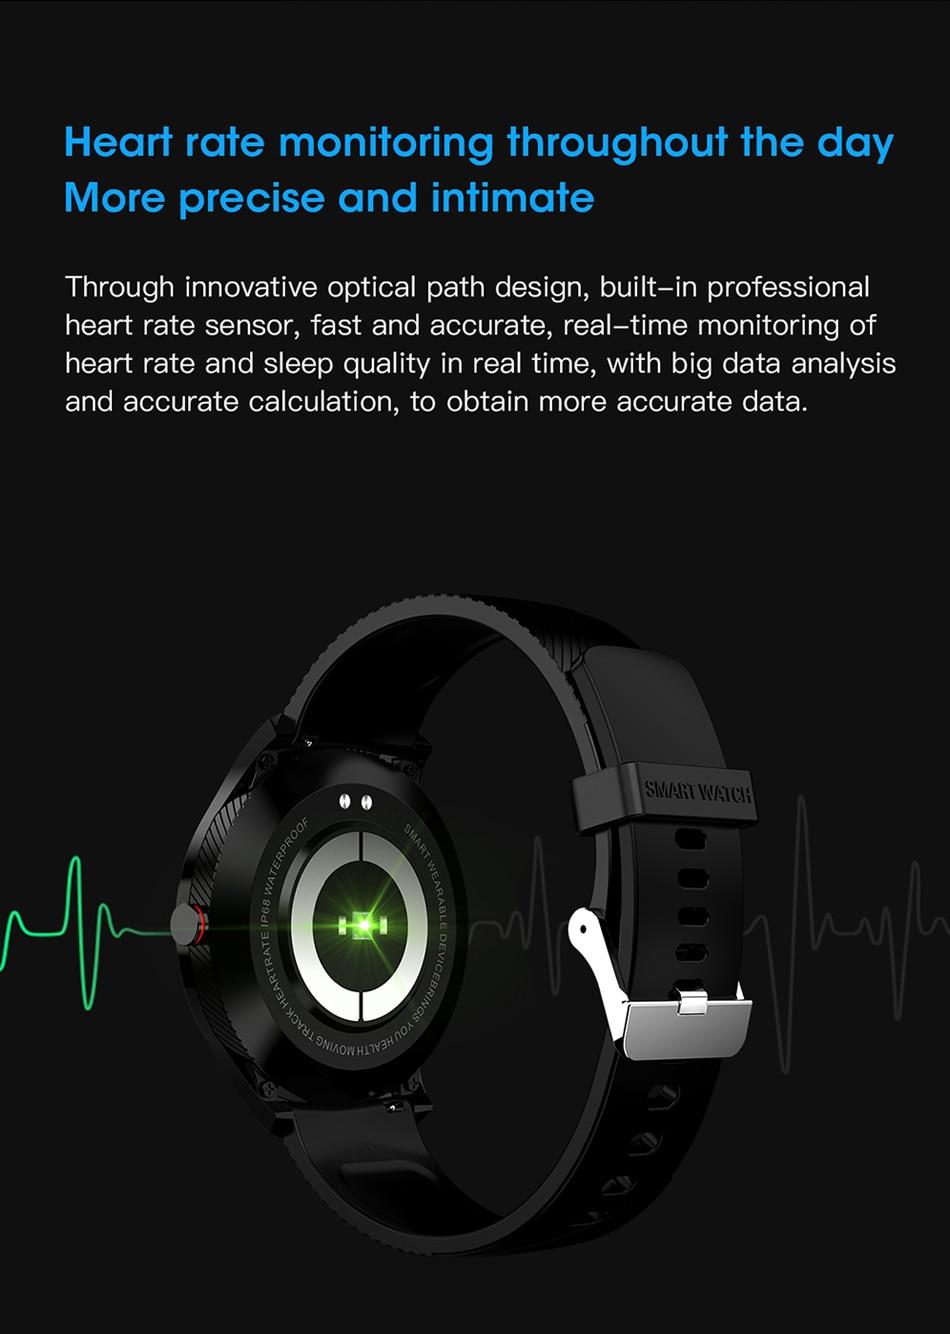 Le Jeune moderne.Montres connectées-Montre connecté L9 écran tactile, rythme cardiaque, étanche, notifications-Montre connectée tendance.Notifications d'appels en liaison avec votre téléphone. Rythme cardiaque et suivi d'activité physique.